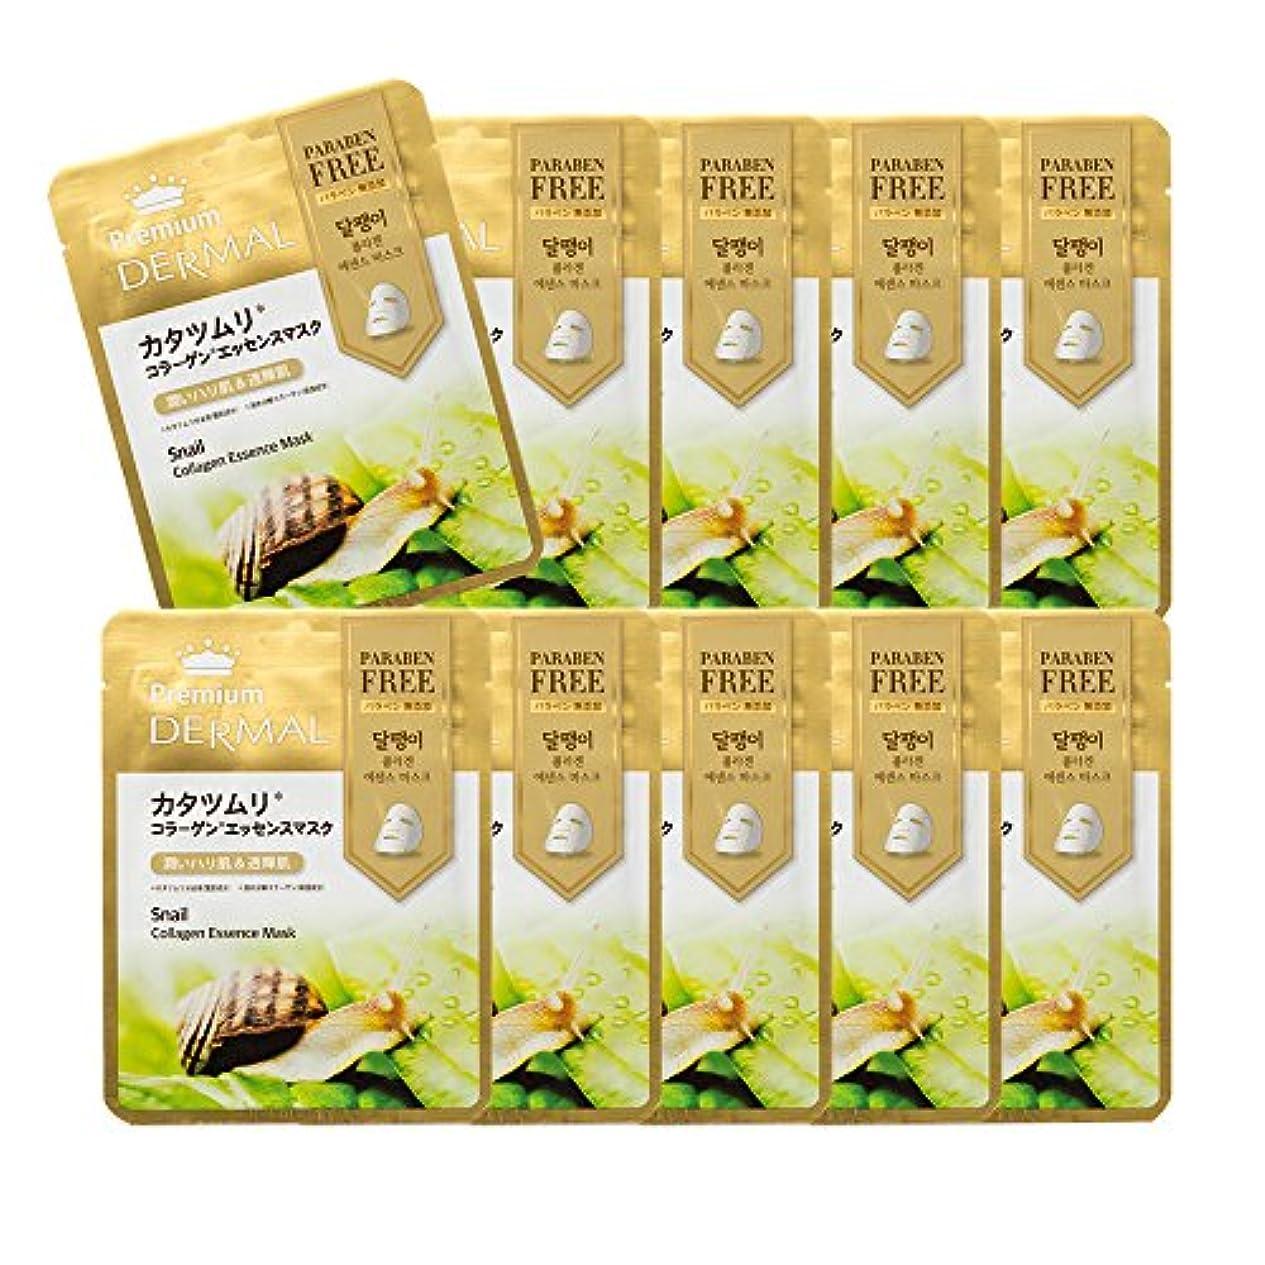 あなたが良くなりますトチの実の木スーパー【カタツムリ】お試し10枚入 PREMIUM DERMALエッセンスマスク